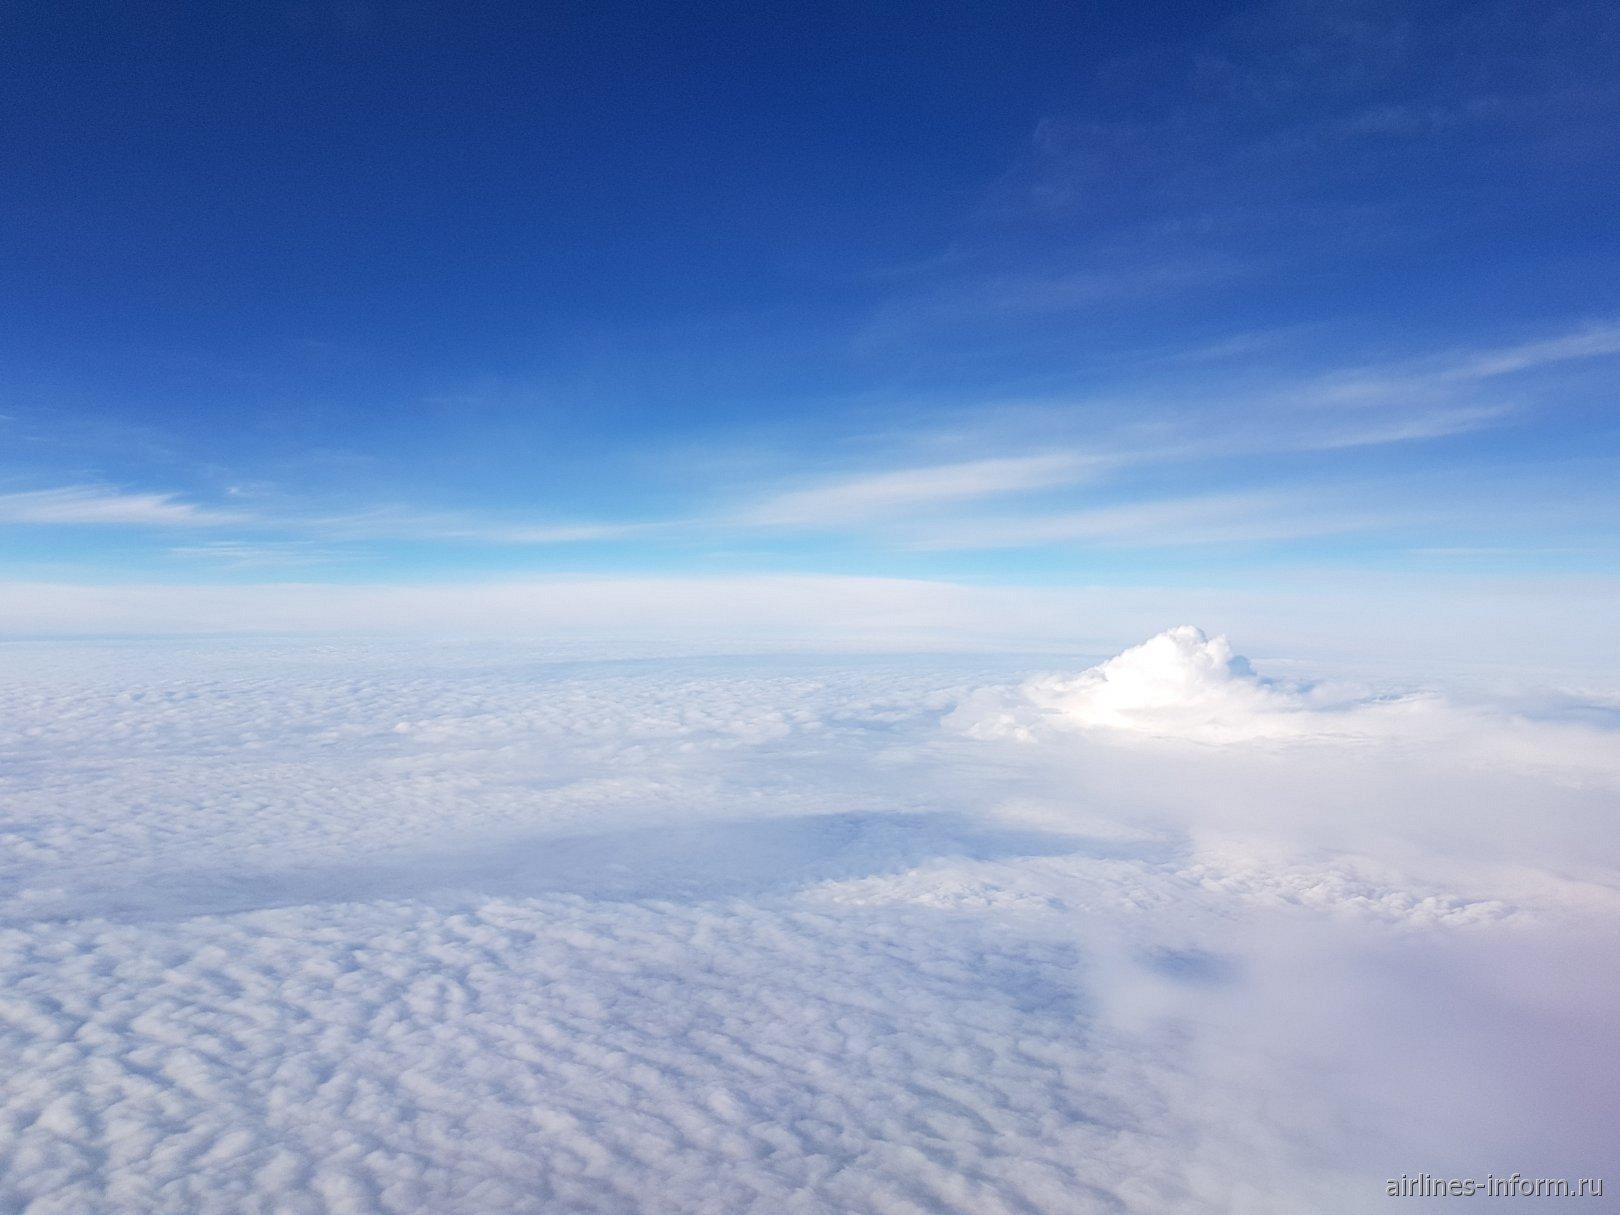 Синее небо над облаками